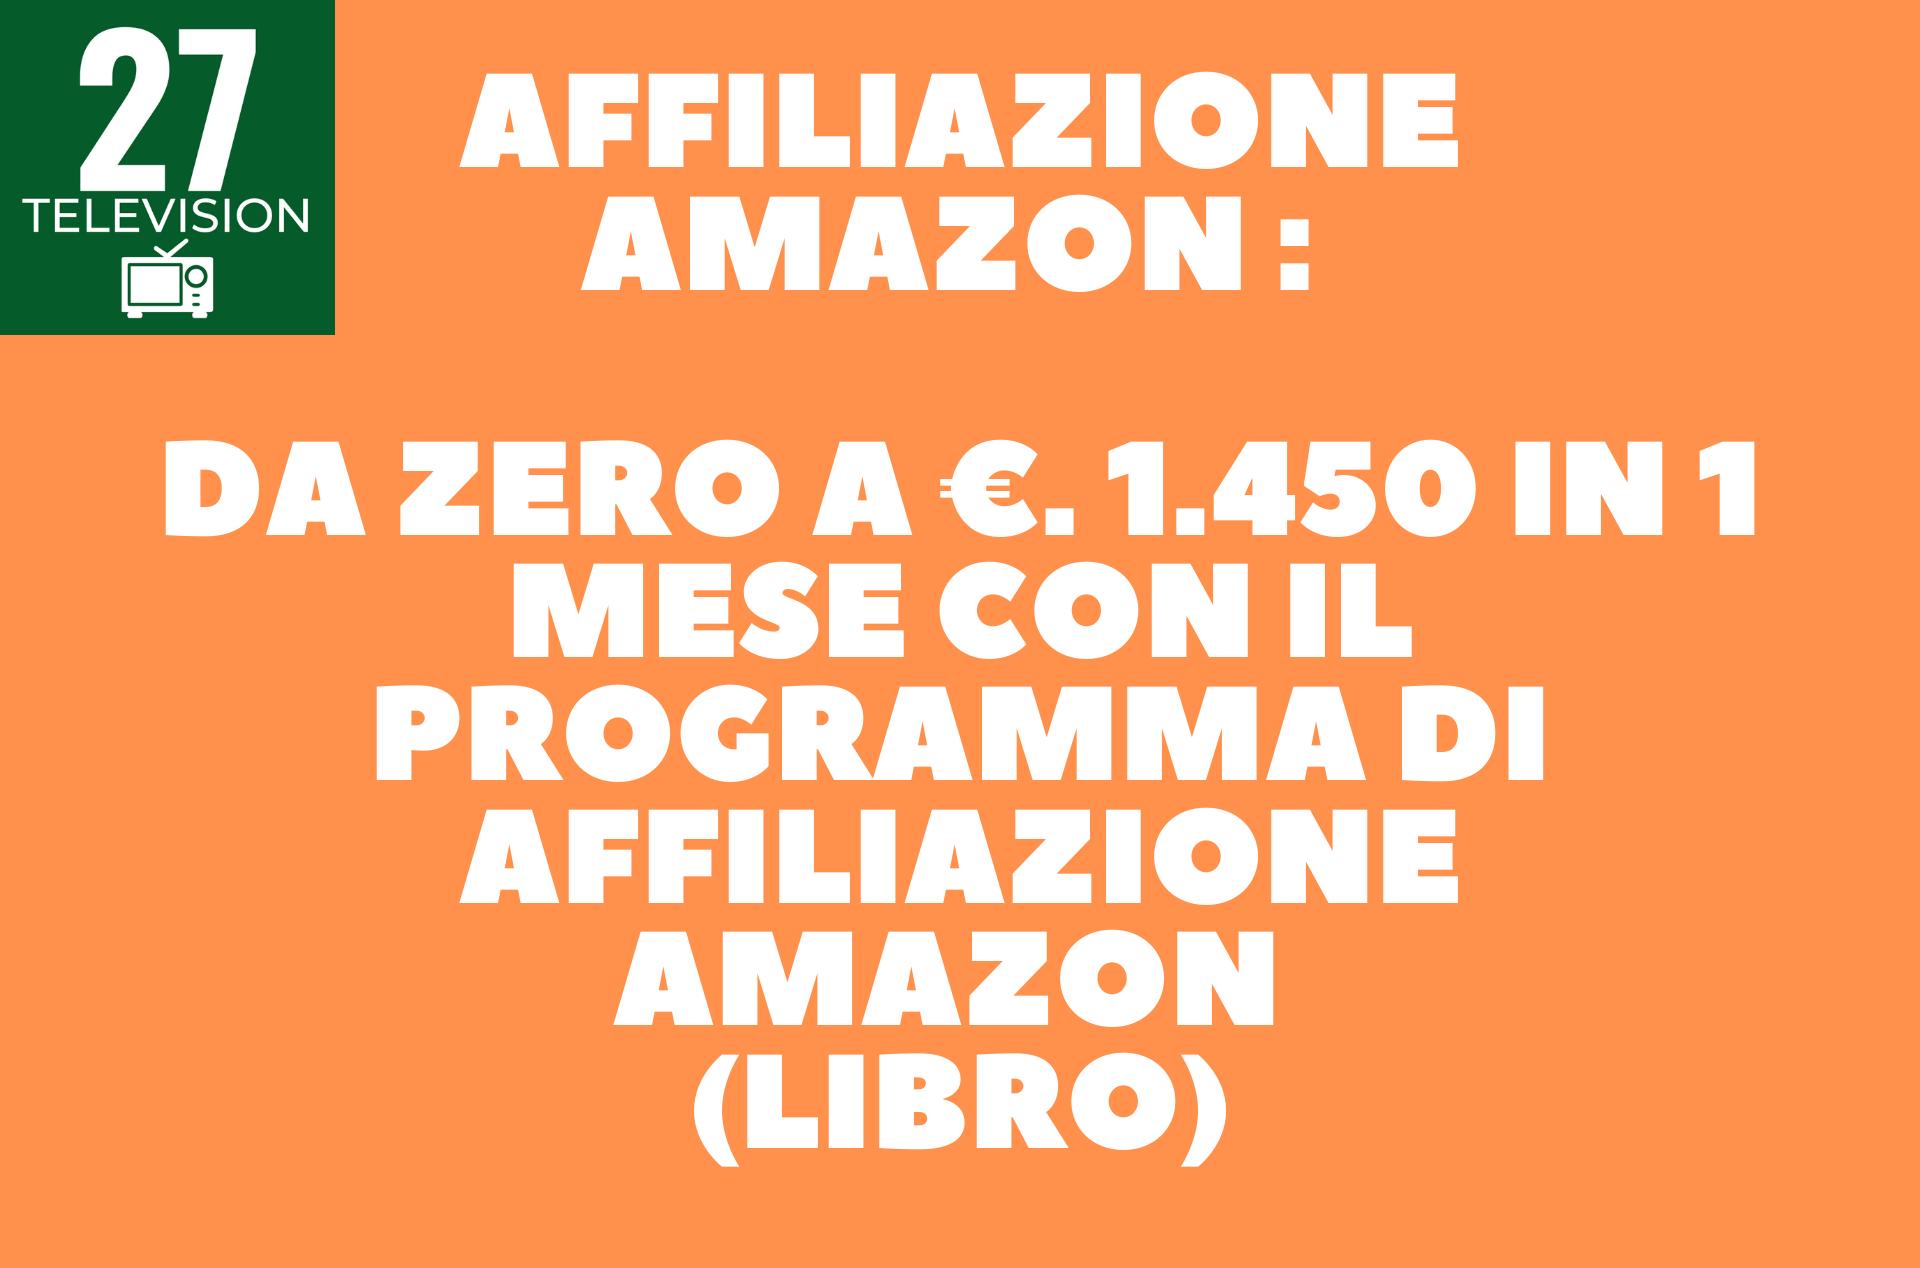 Affiliazione Amazon : Da zero a €. 1.450 in 1 mese con il programma di affiliazione Amazon (LIBRO)